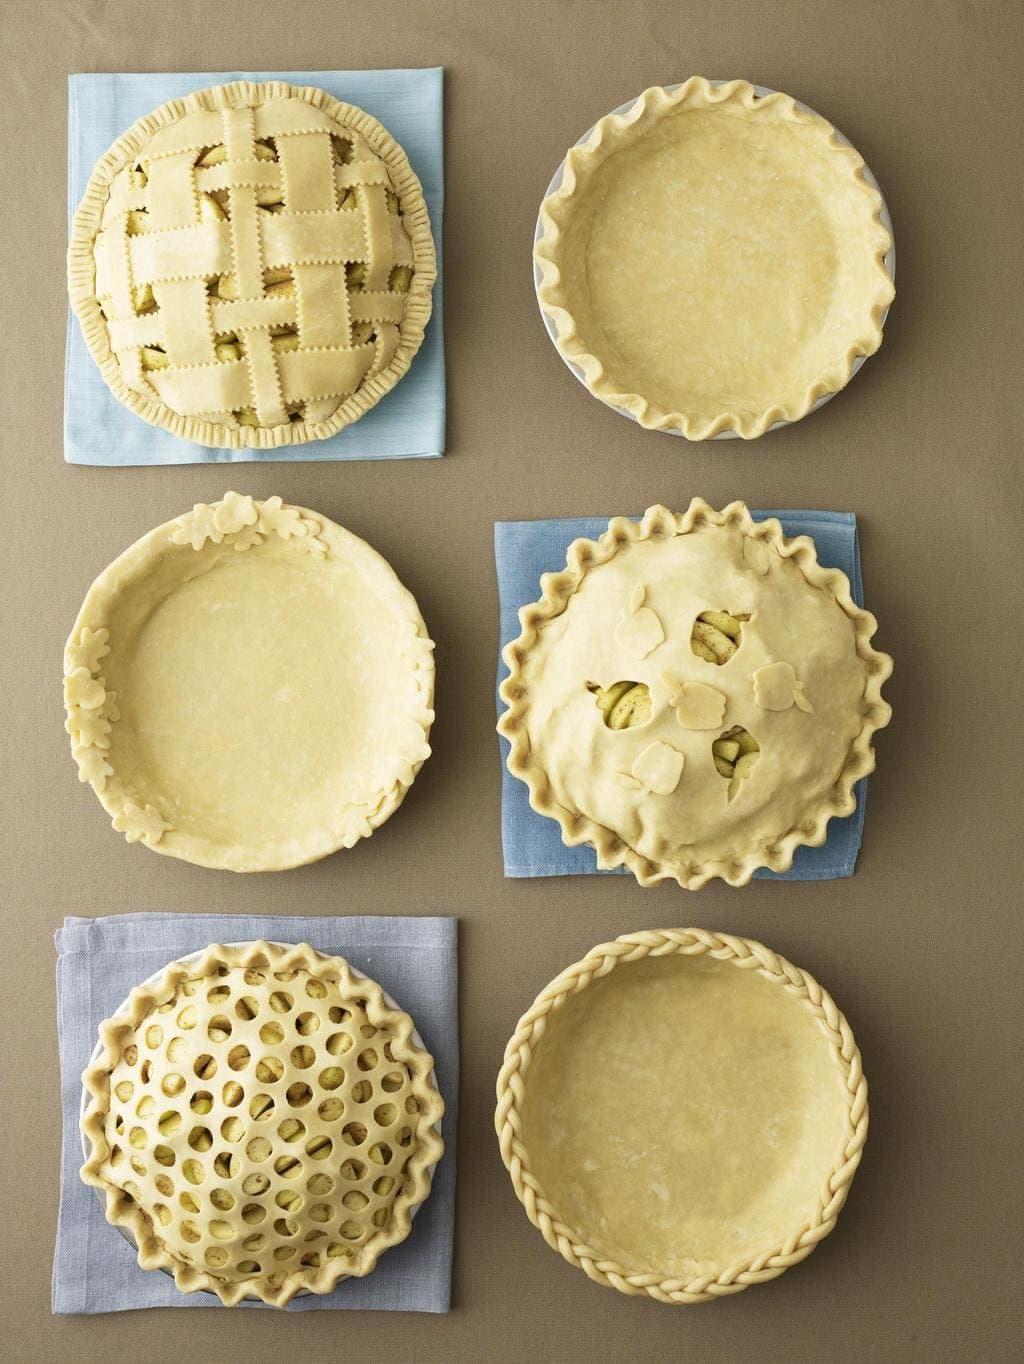 Pie Crust variety